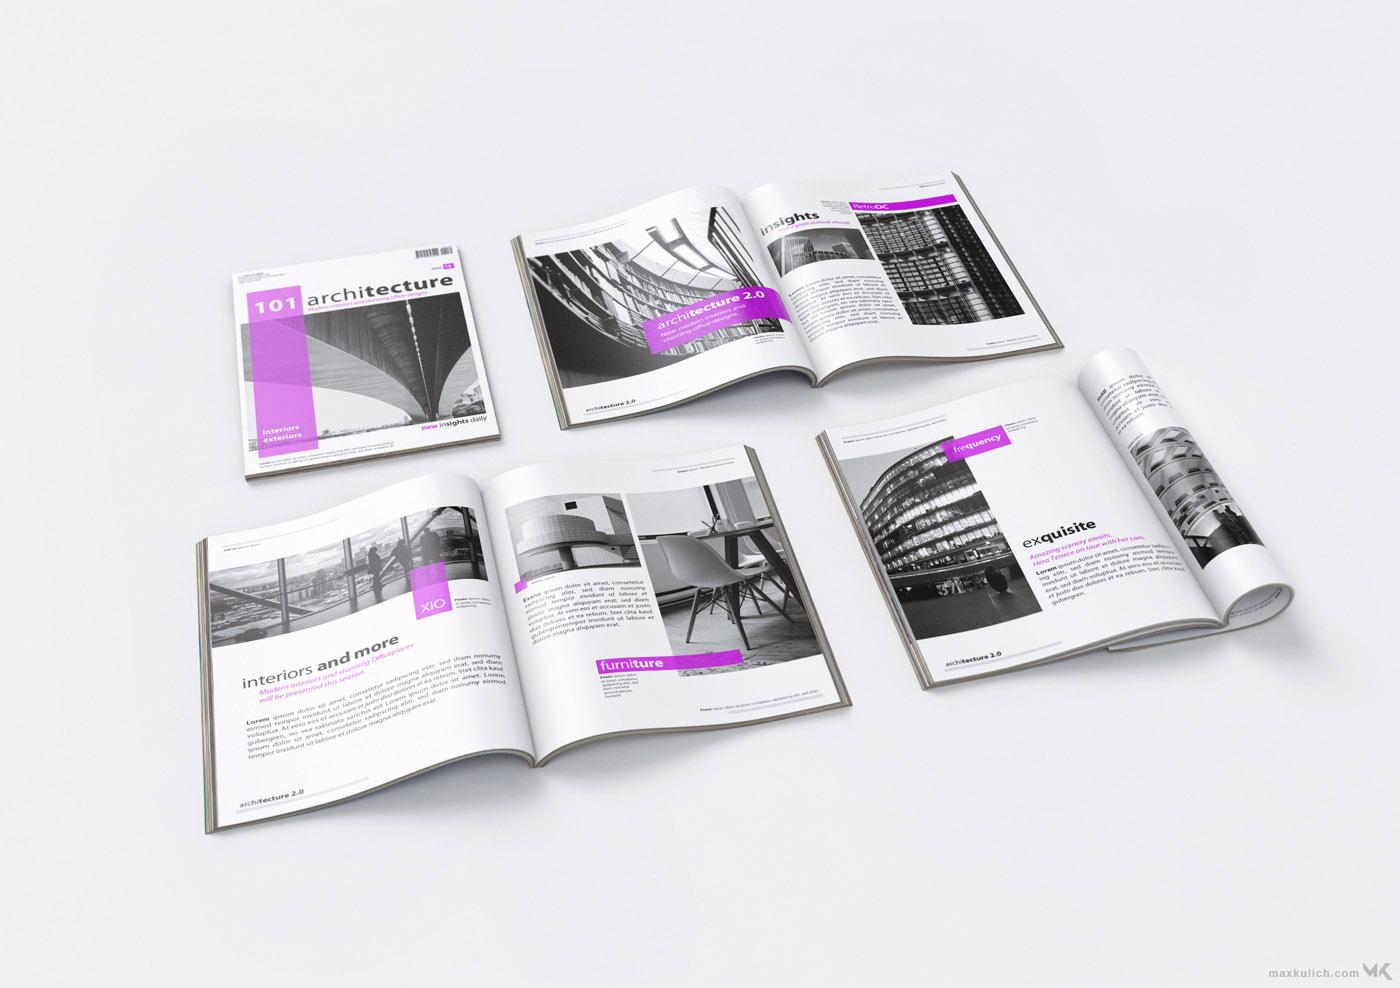 GraphicDesign_Branding_MaxKulich_06